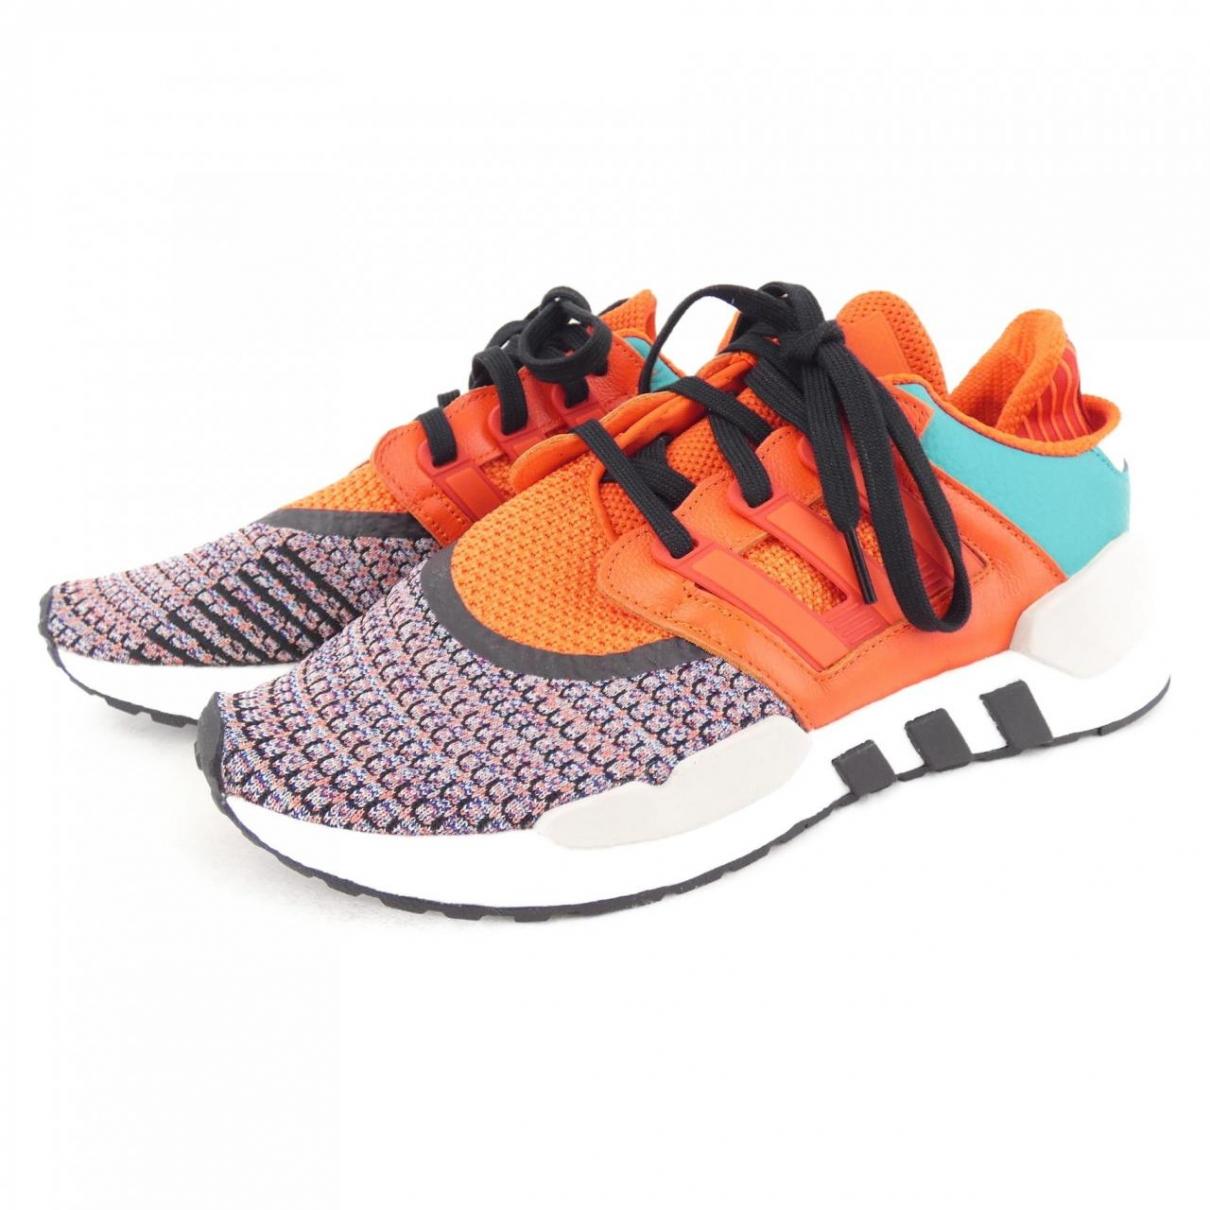 Adidas - Baskets EQT Support pour homme en toile - multicolore